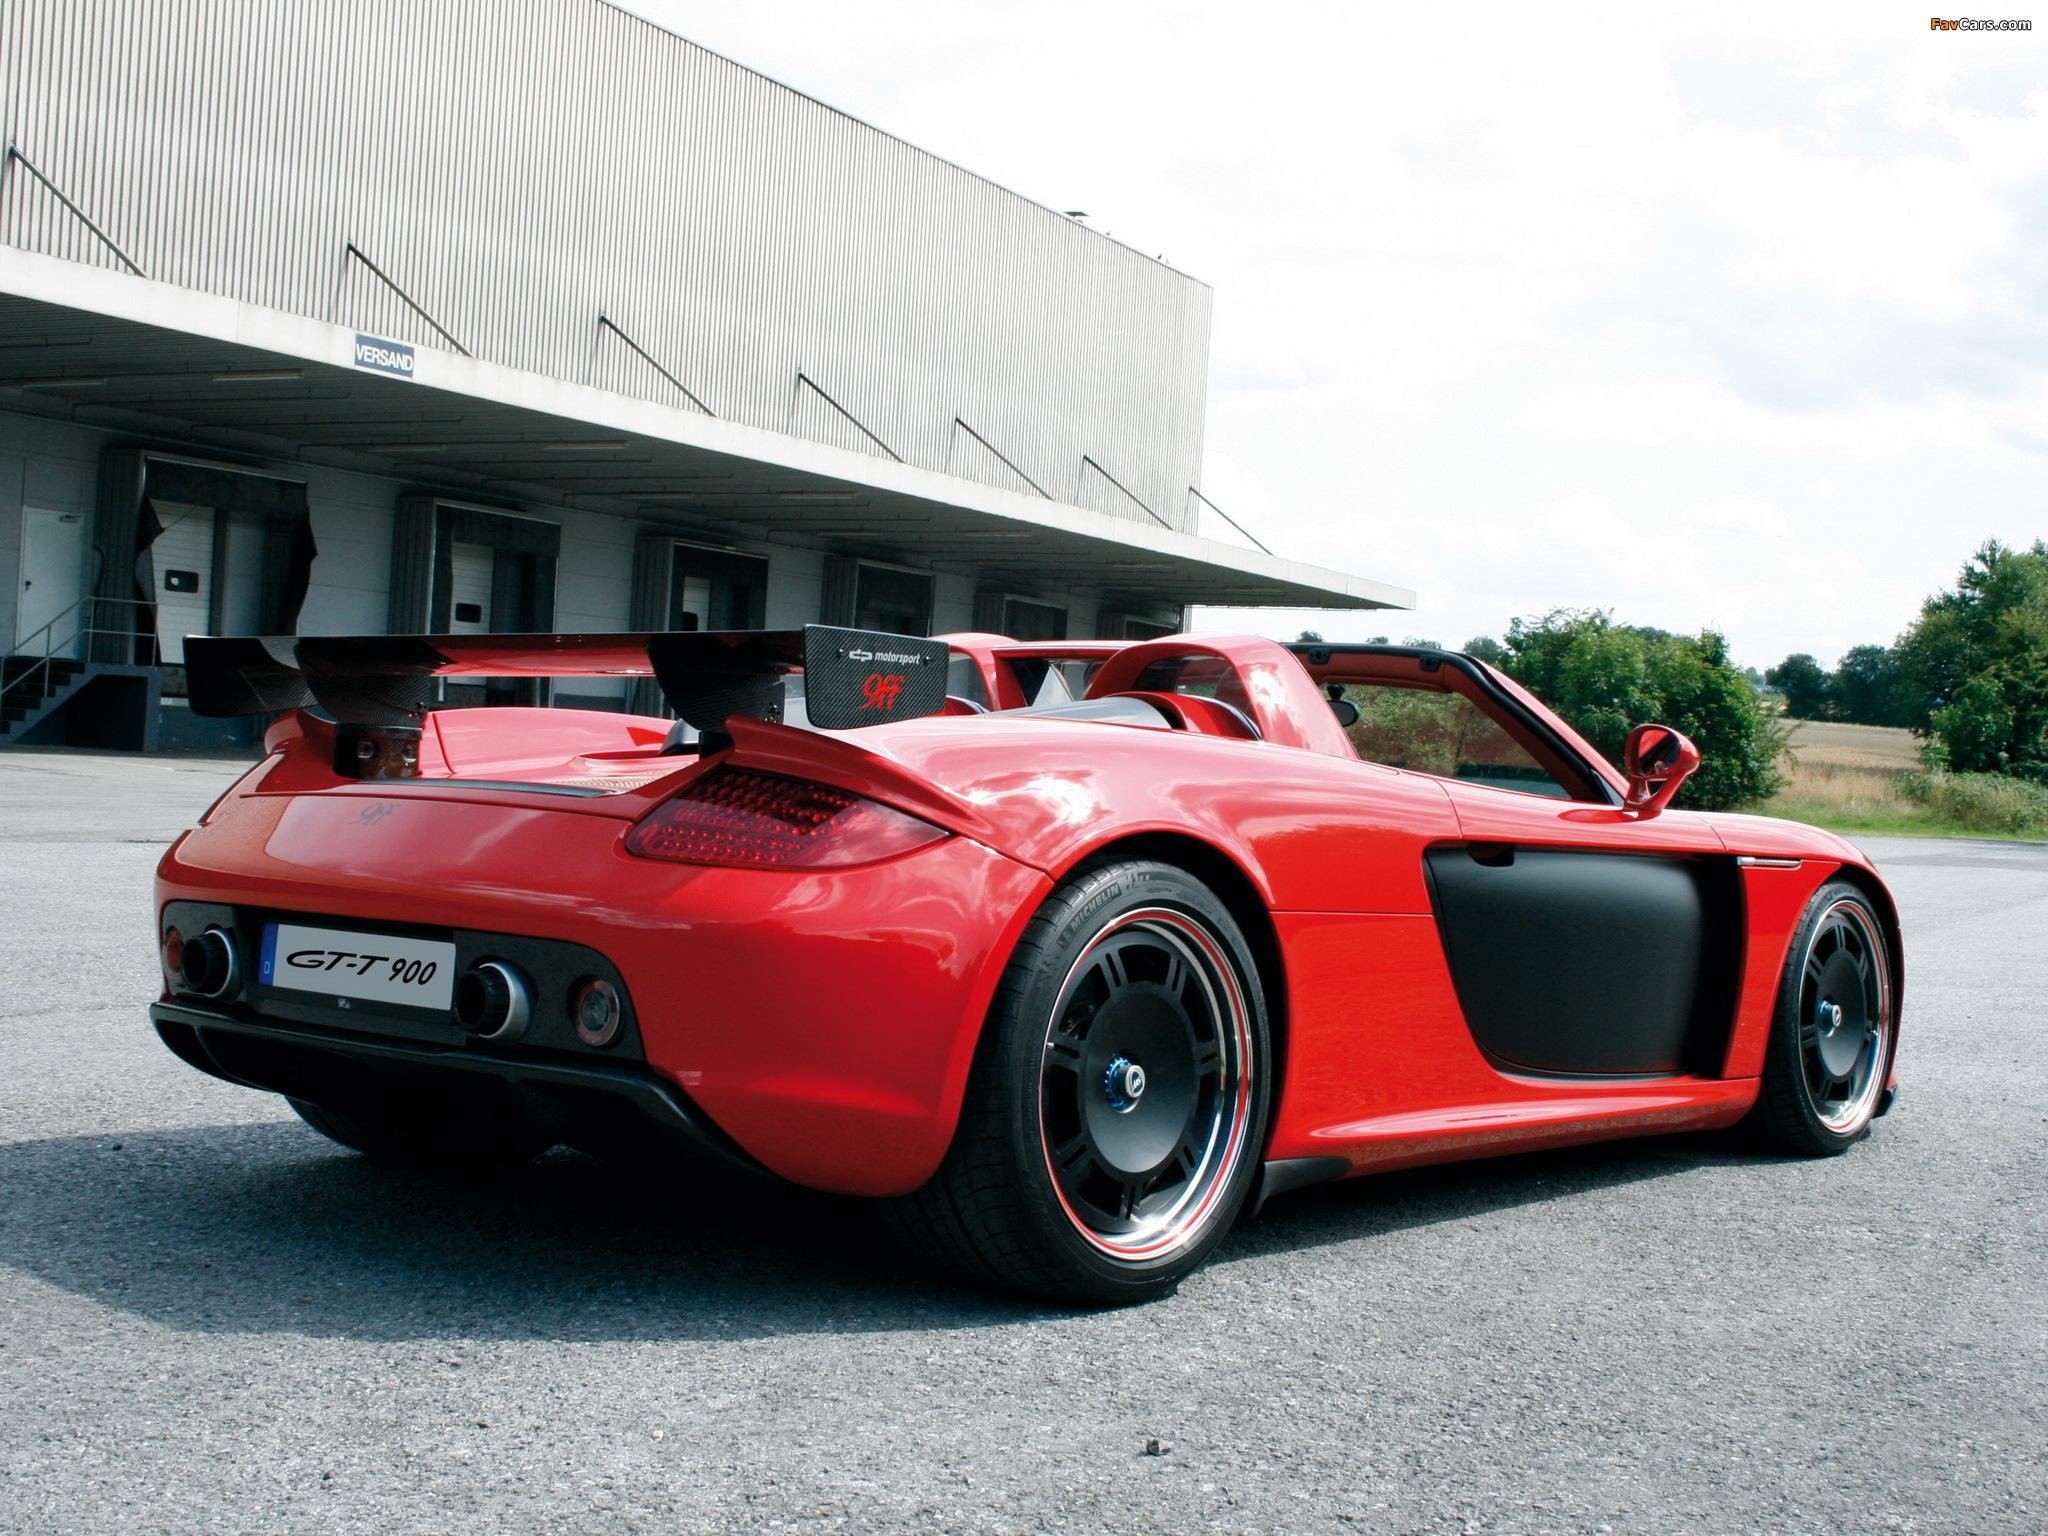 9ff Porsche GT-T900 2009 images (2048 x 1536)